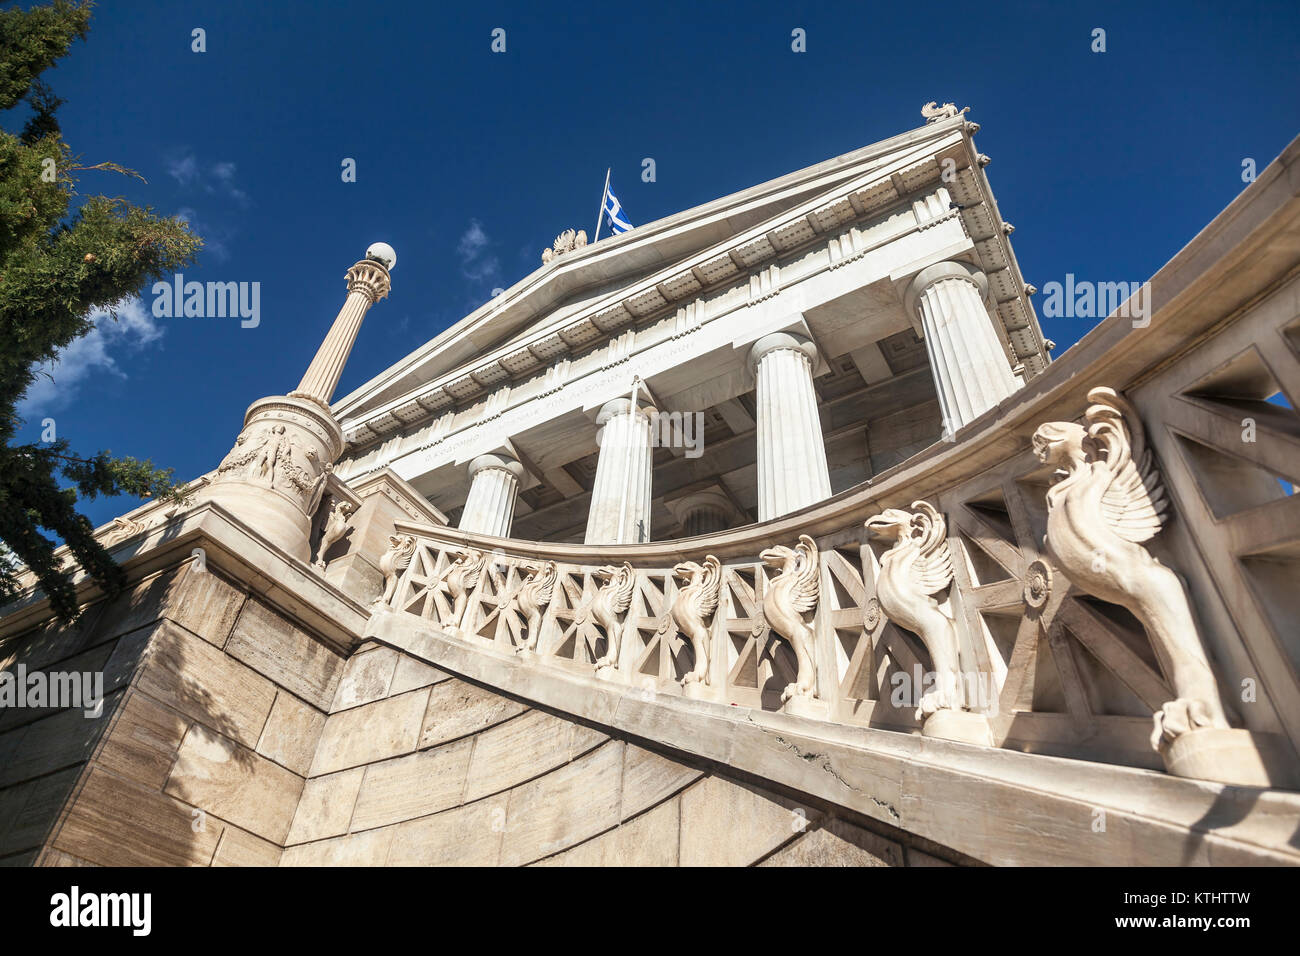 La Biblioteca Nazionale di Atene, Grecia. Immagini Stock